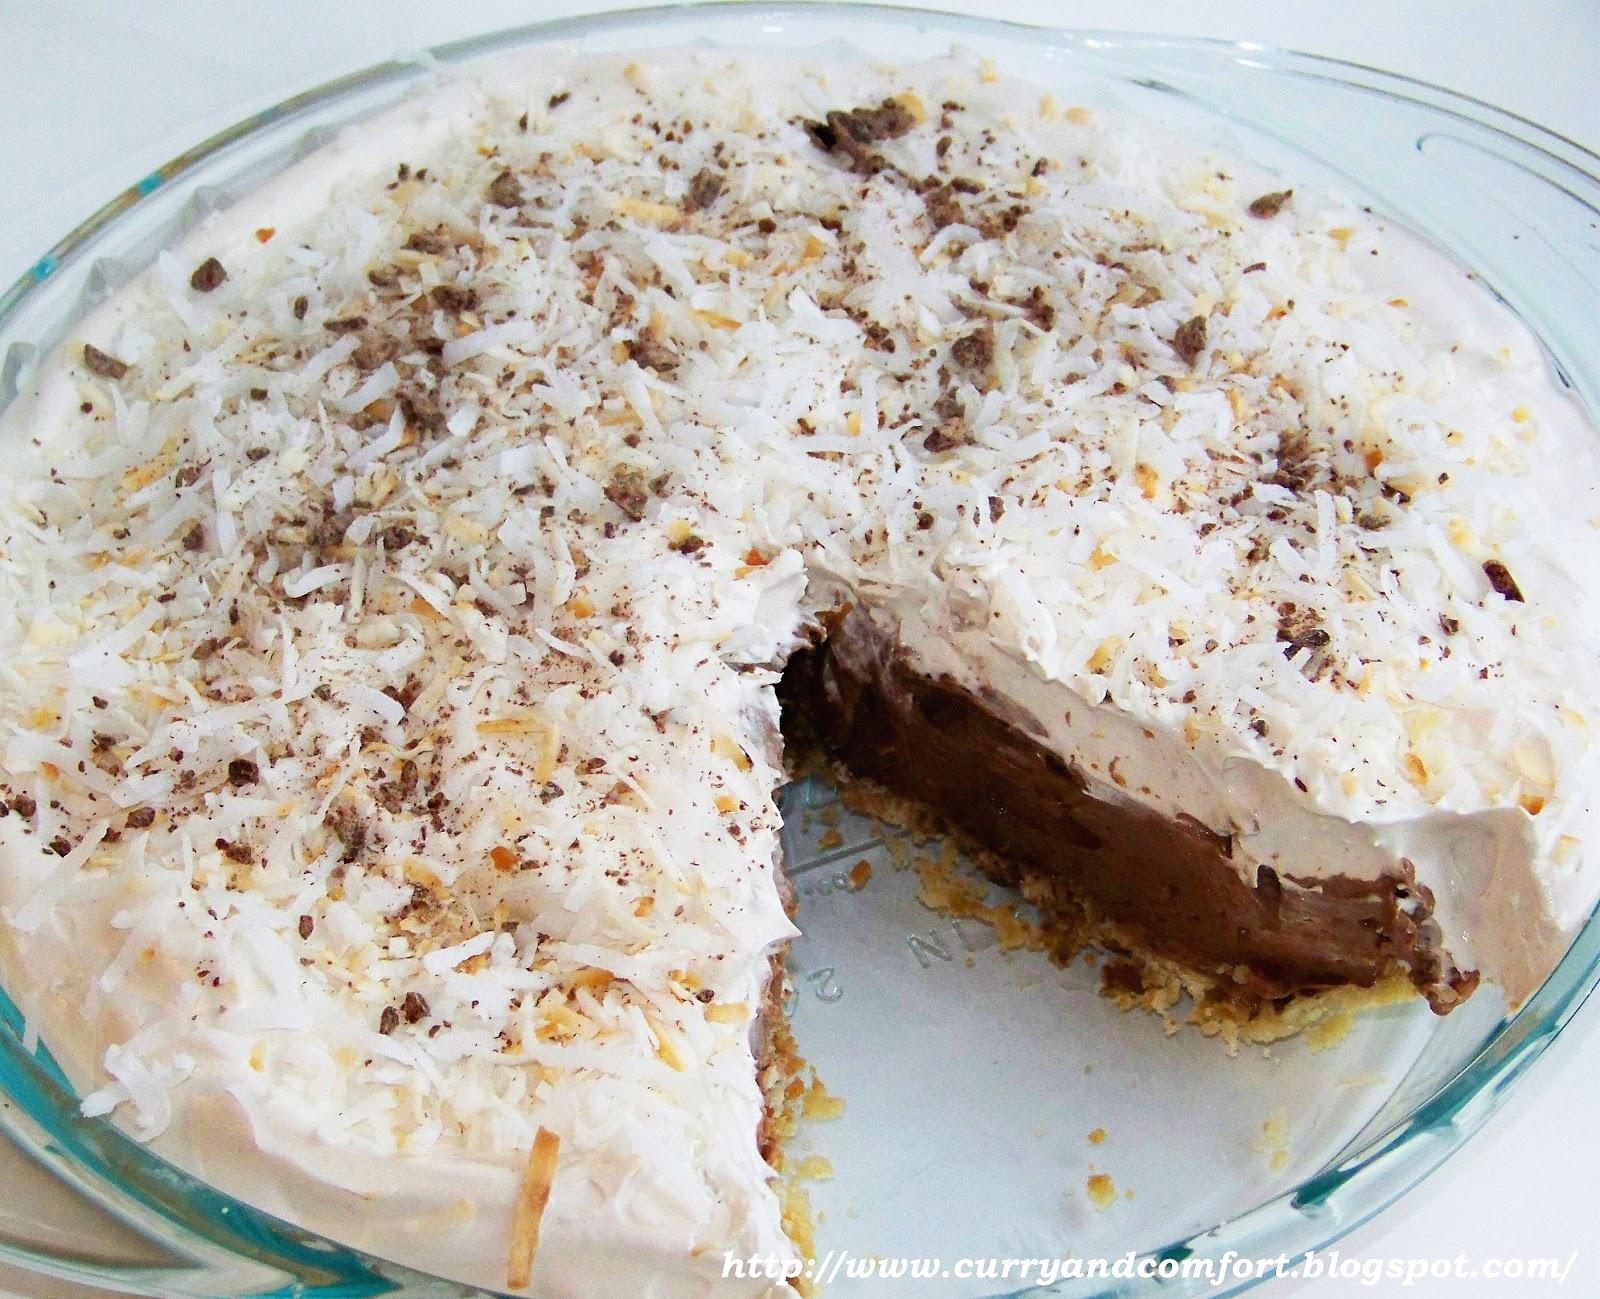 Kitchen Simmer: Easy Chocolate Coconut Cream Pie- No Bake Version